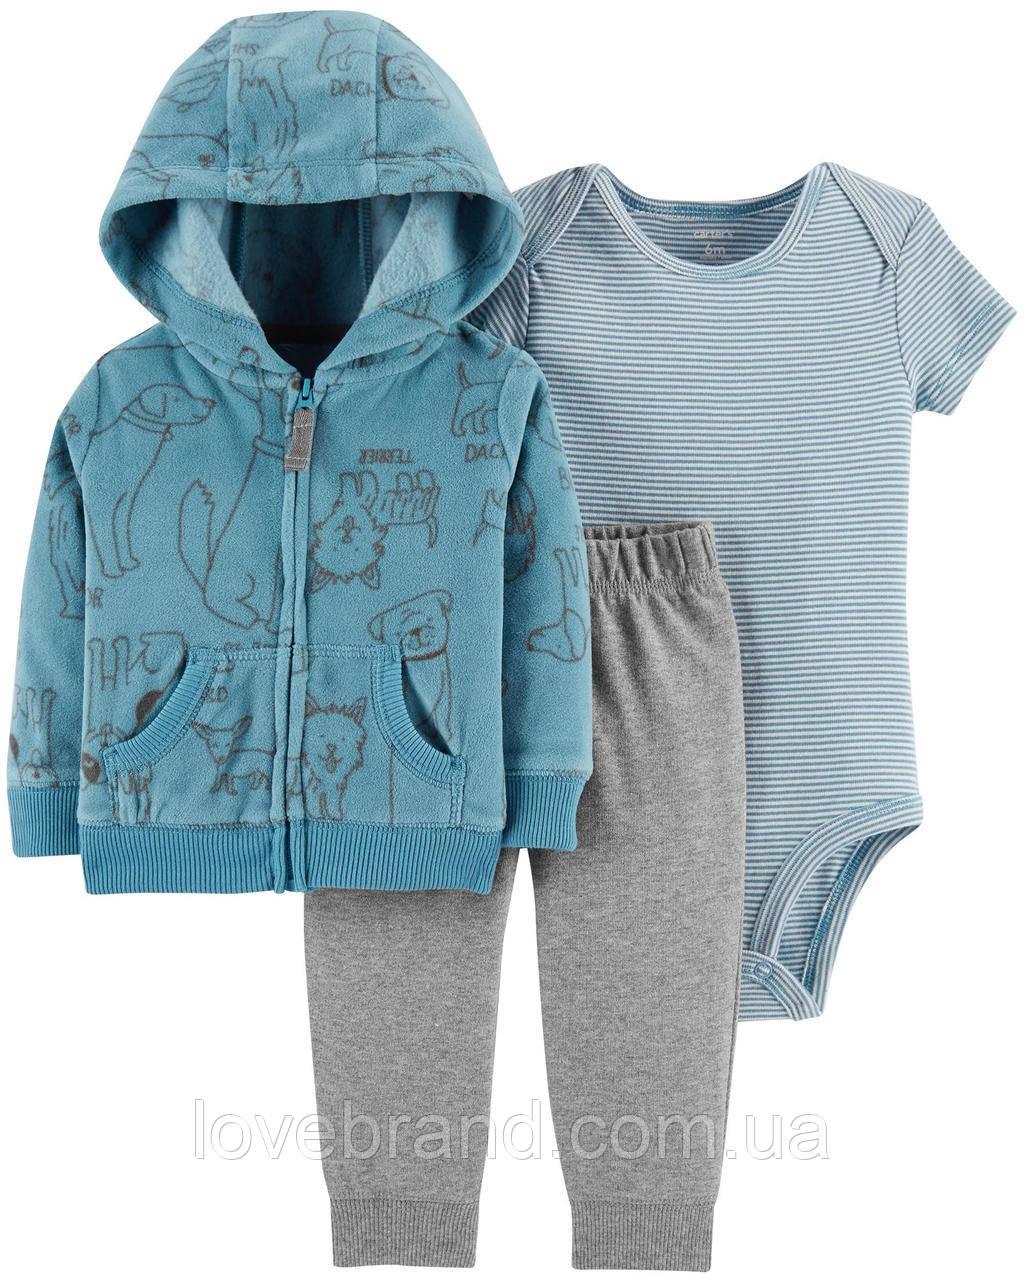 Спортивный костюм штанишки, боди и кофта с капюшоном Carter's для мальчика синий 3 мес/55-61 см